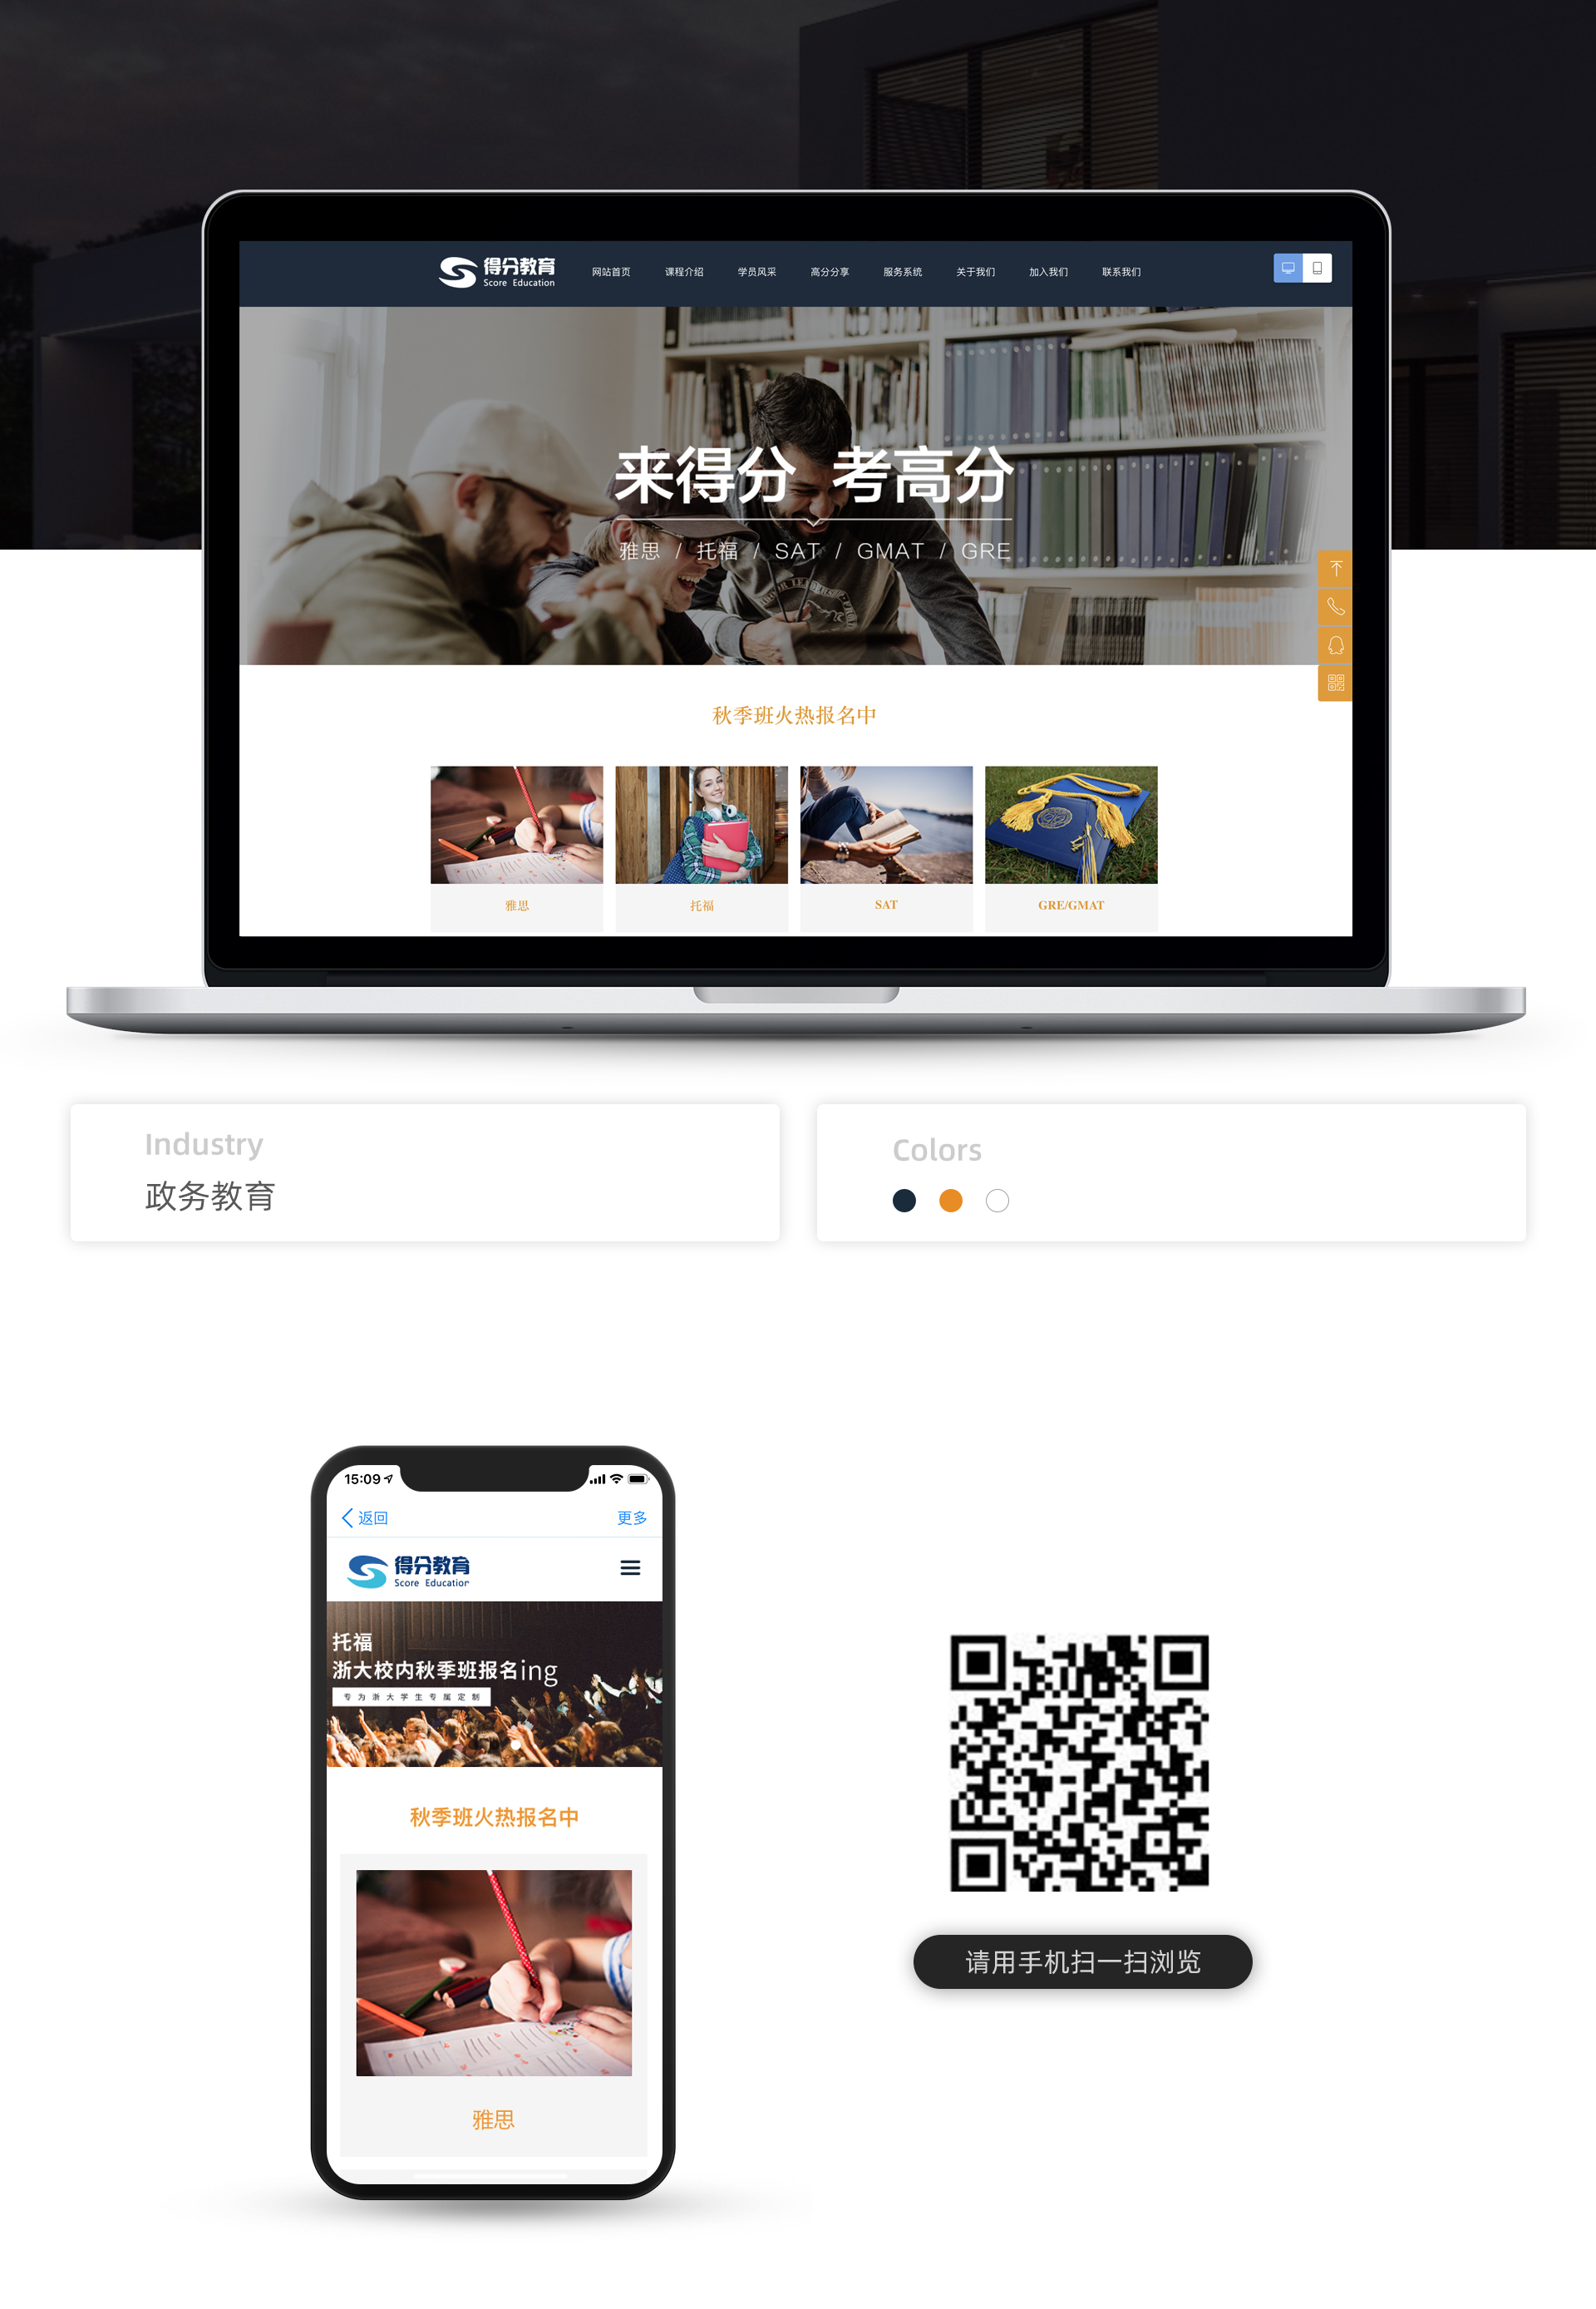 内页-云企案例设计简介-有手机版204377550200262